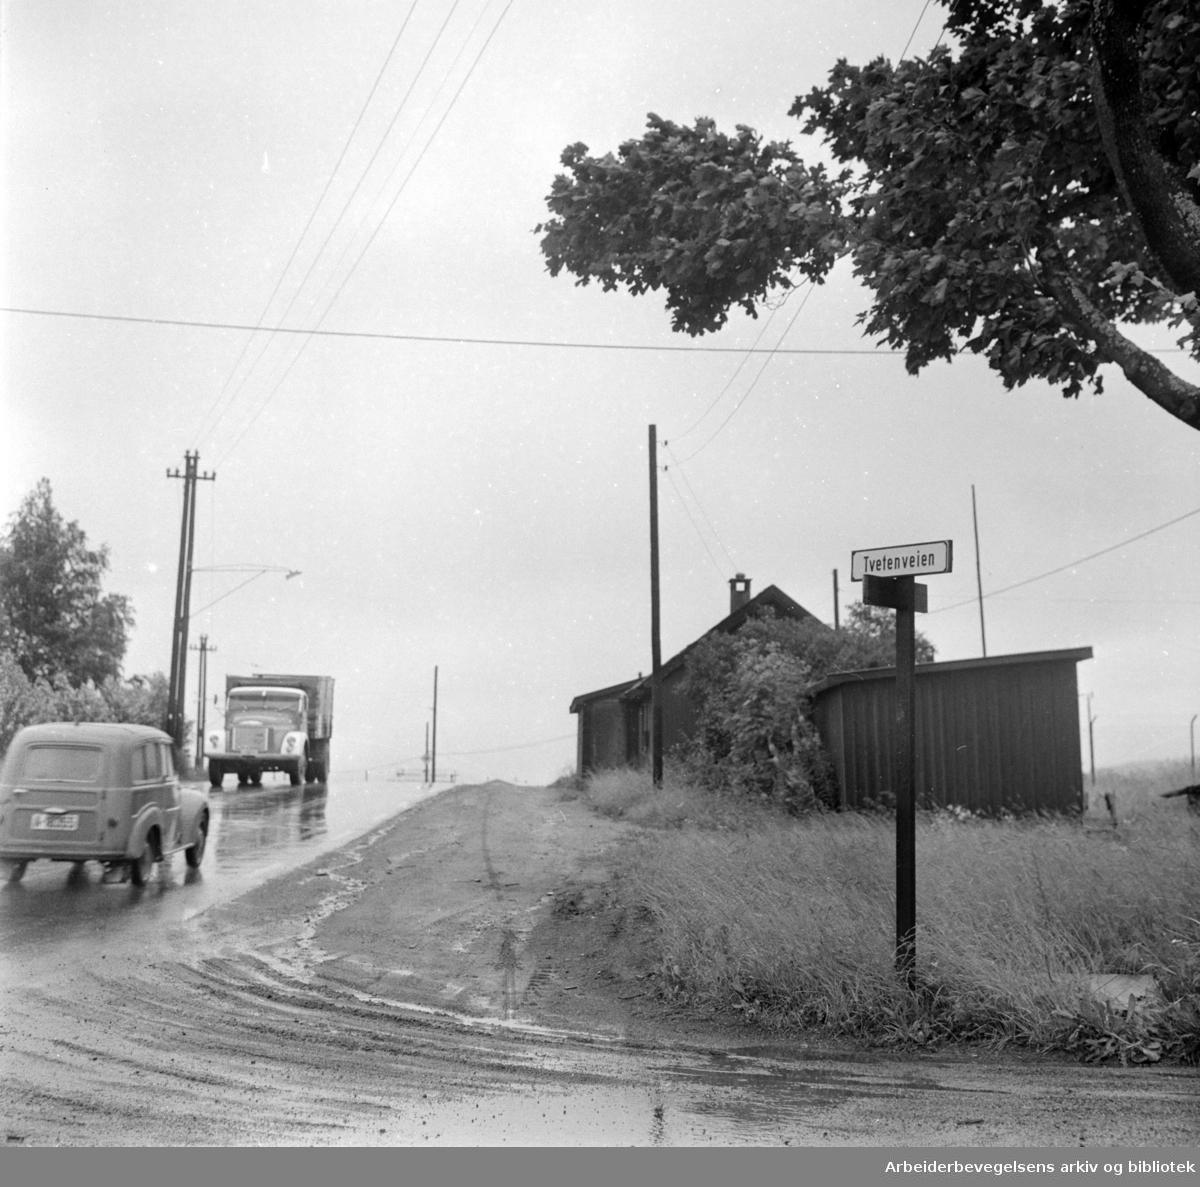 Strømsveien - Tvetenveien. Juli 1963